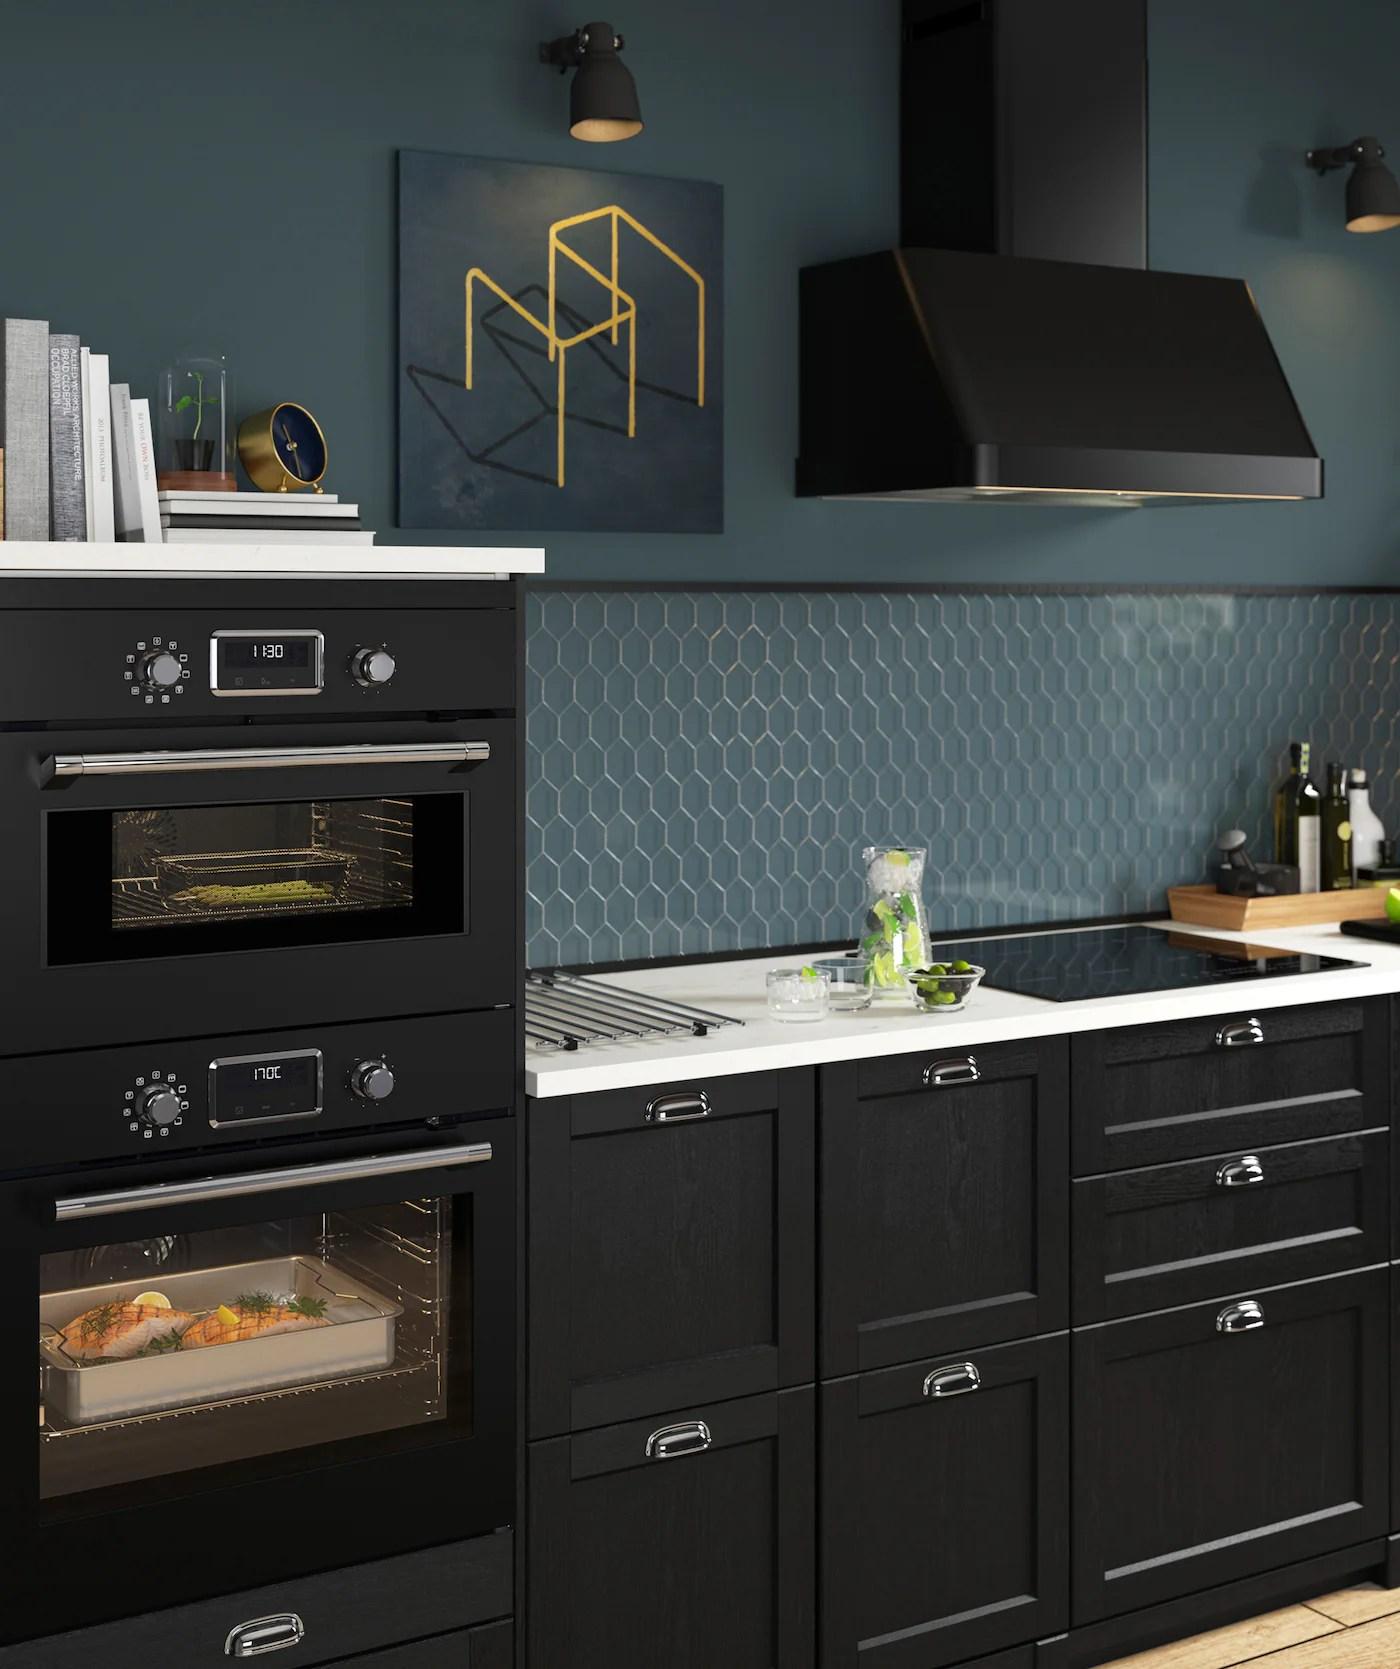 Küche Schubladenfront Entfernen | Ikea Küche Metod Voxtorp ...